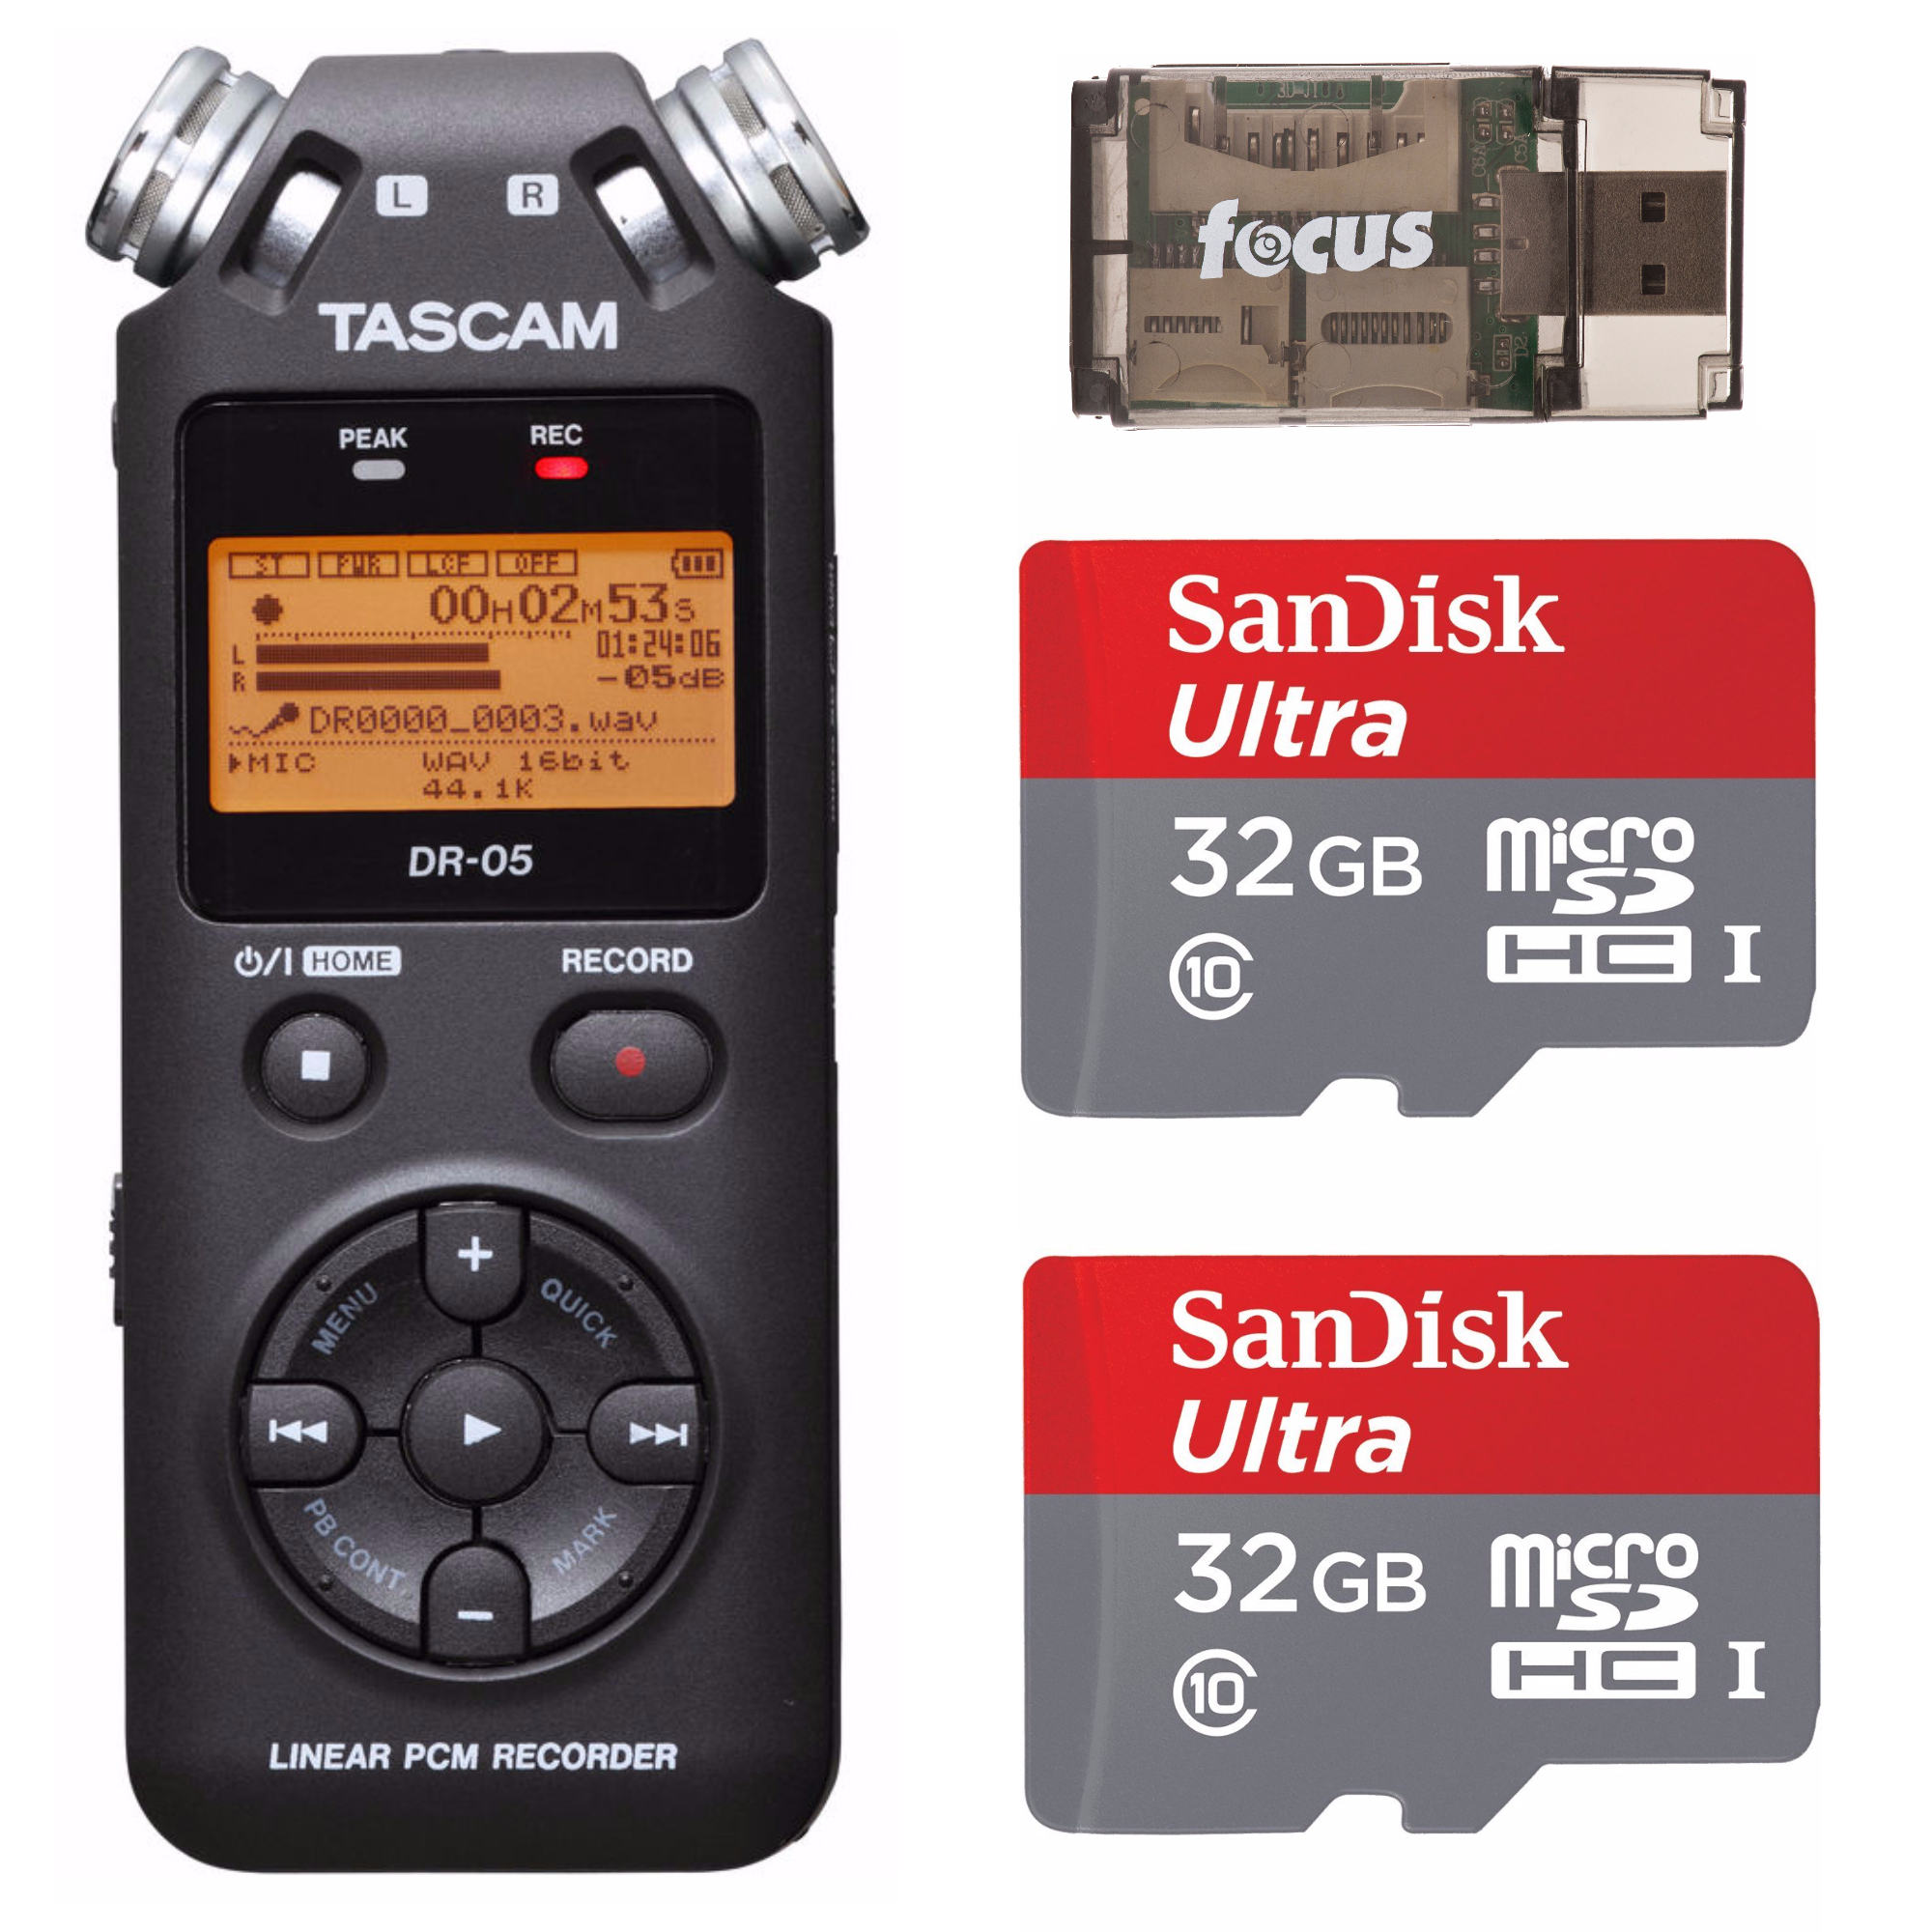 Tascam DR-05 Portable Digital Recorder w/ SanDisk 32GB Card (2-Pack) & Reader